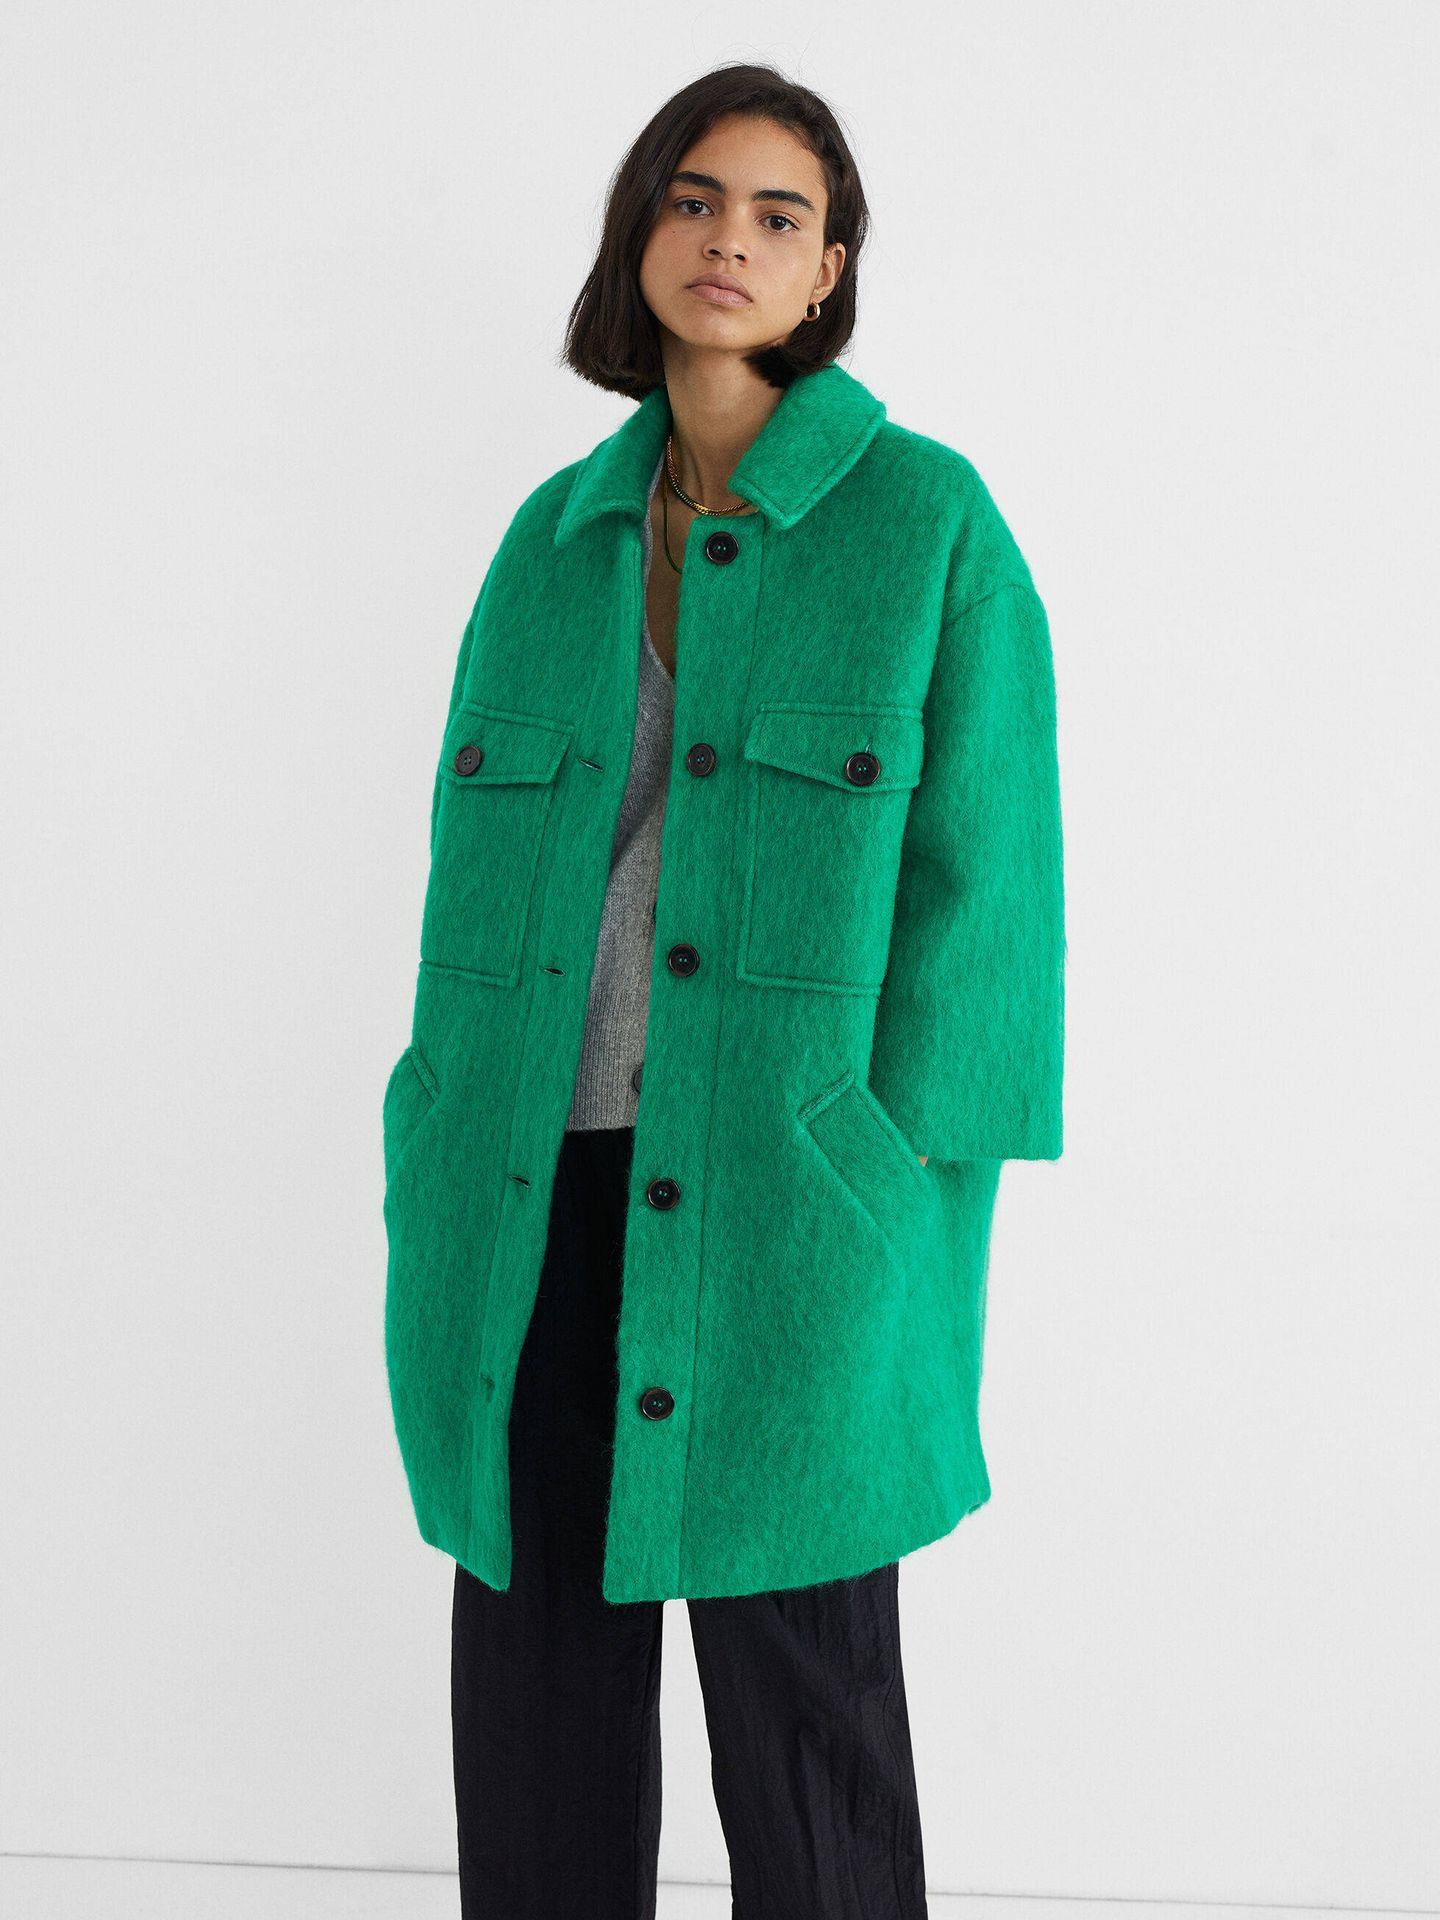 El abrigo de Parfois. (Cortesía)